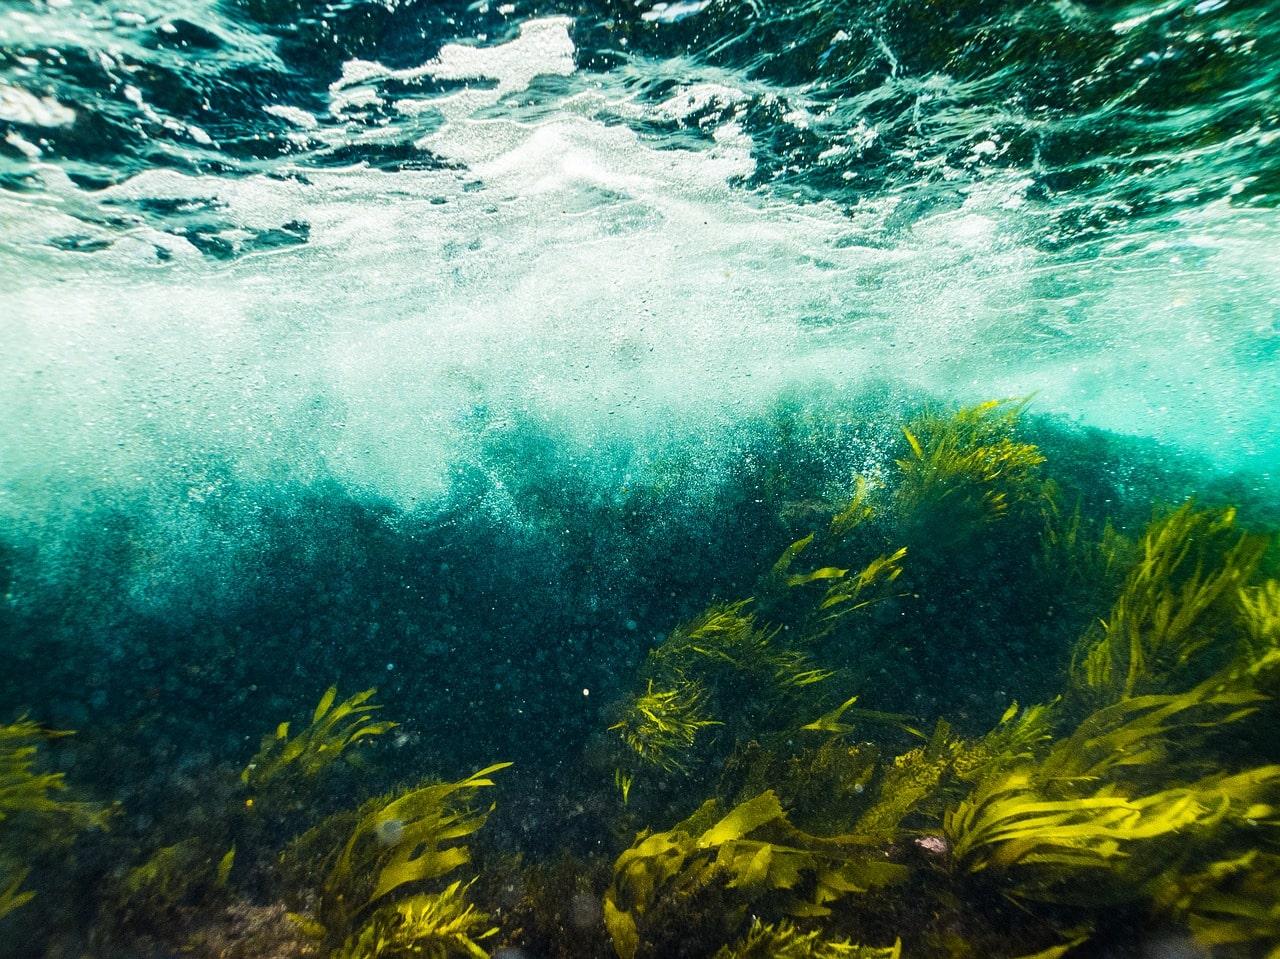 Des algues dans des fonds marins